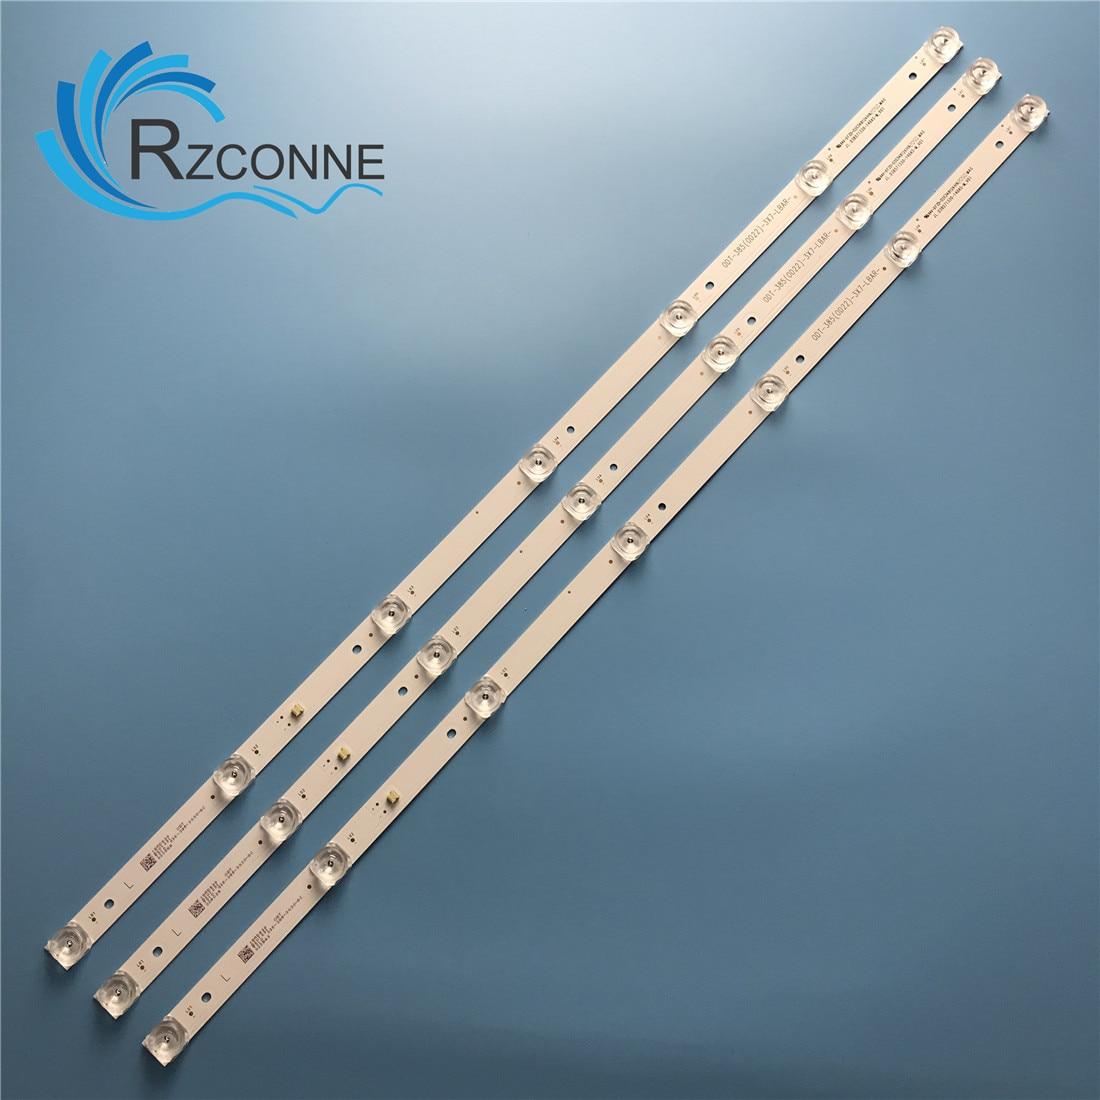 965mm-de-tira-de-led-para-iluminacion-trasera-10-lampara-para-js-wb49h8102cd802-00415